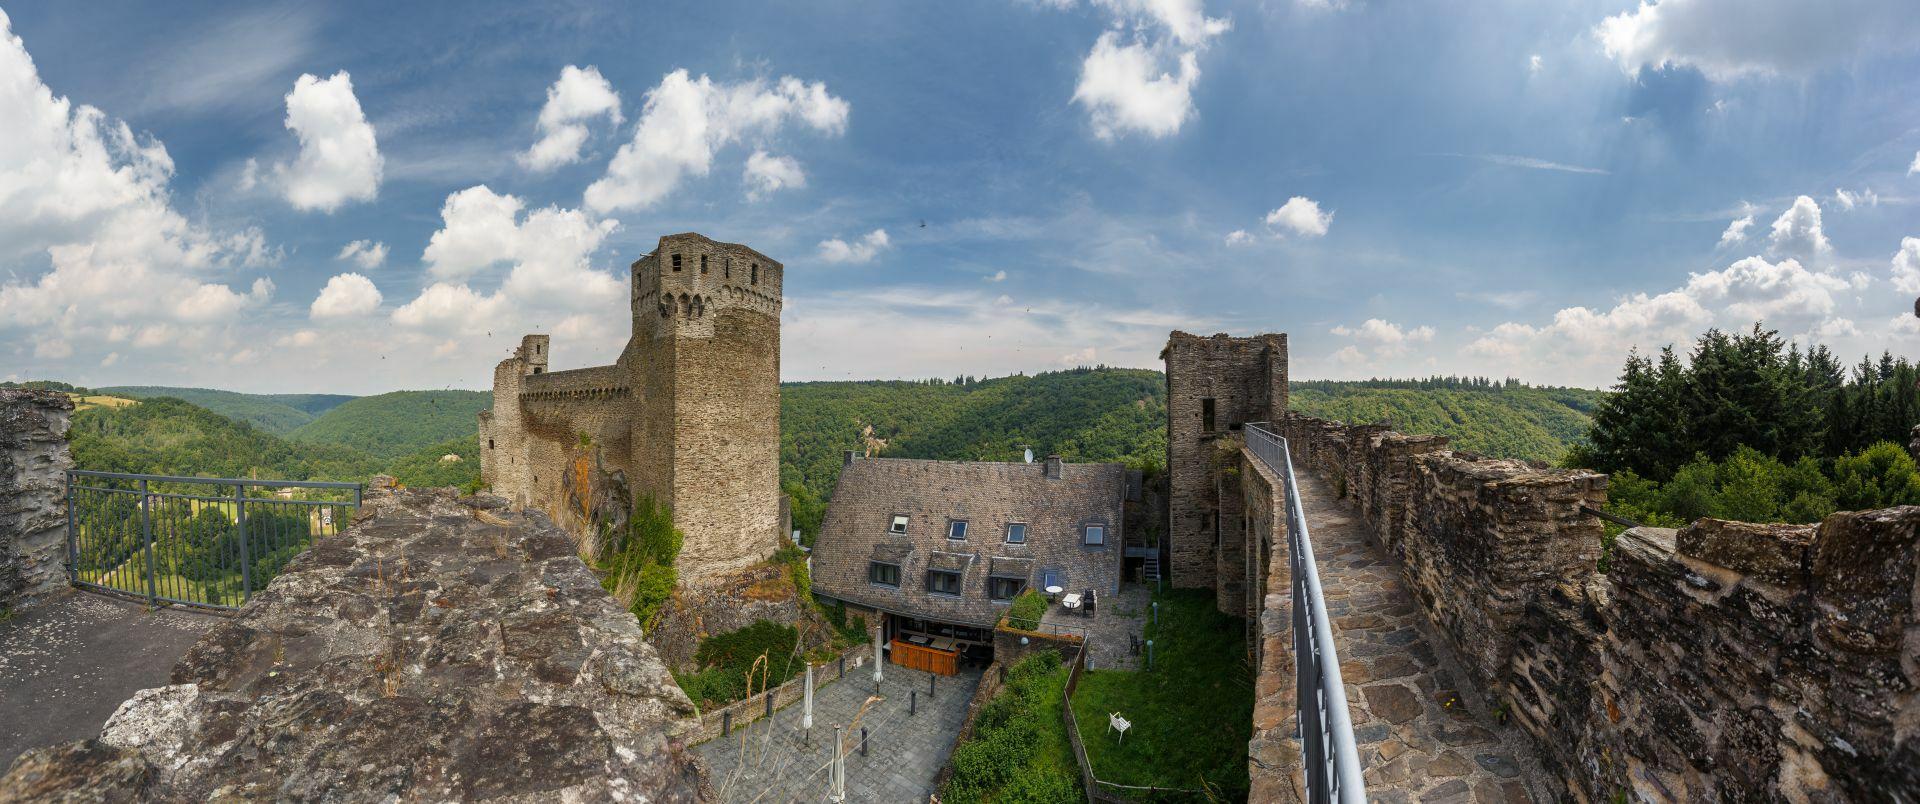 Burgruine Hohenstein, äußere Schildmauer mit Wehrgang